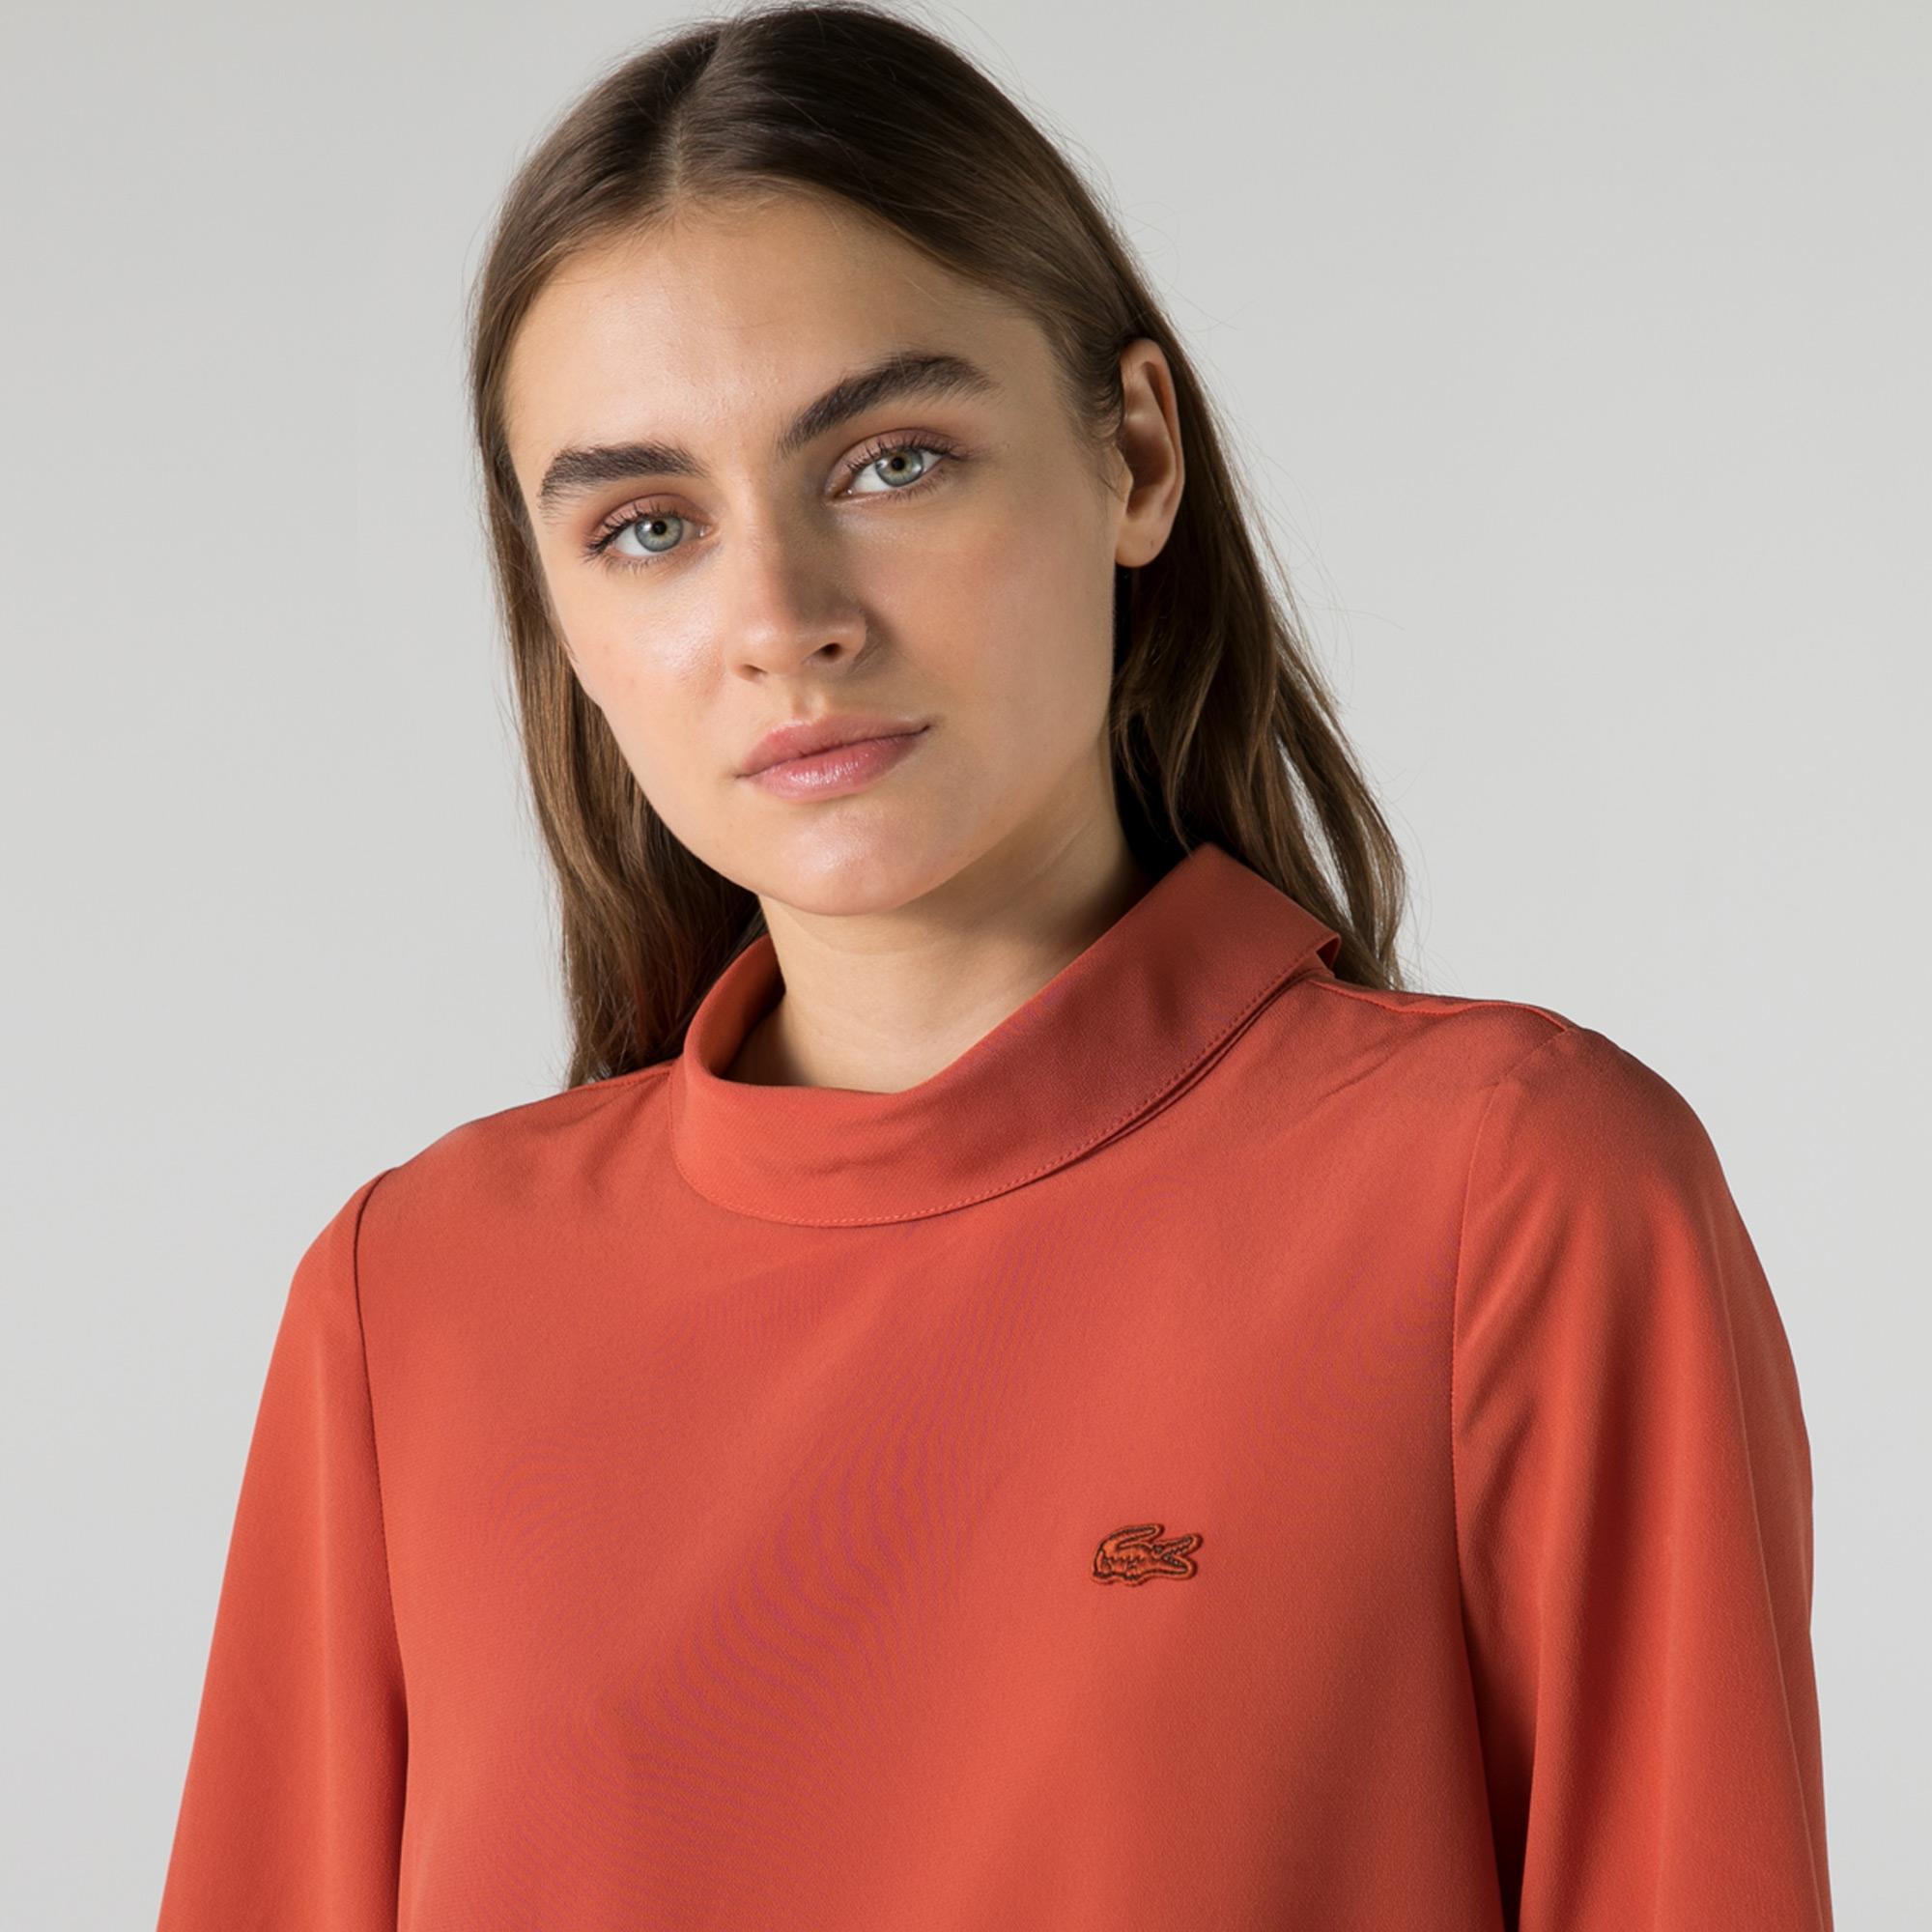 Lacoste Kadın Loose Fit Kısa Kollu Bebe Yaka Turuncu Bluz